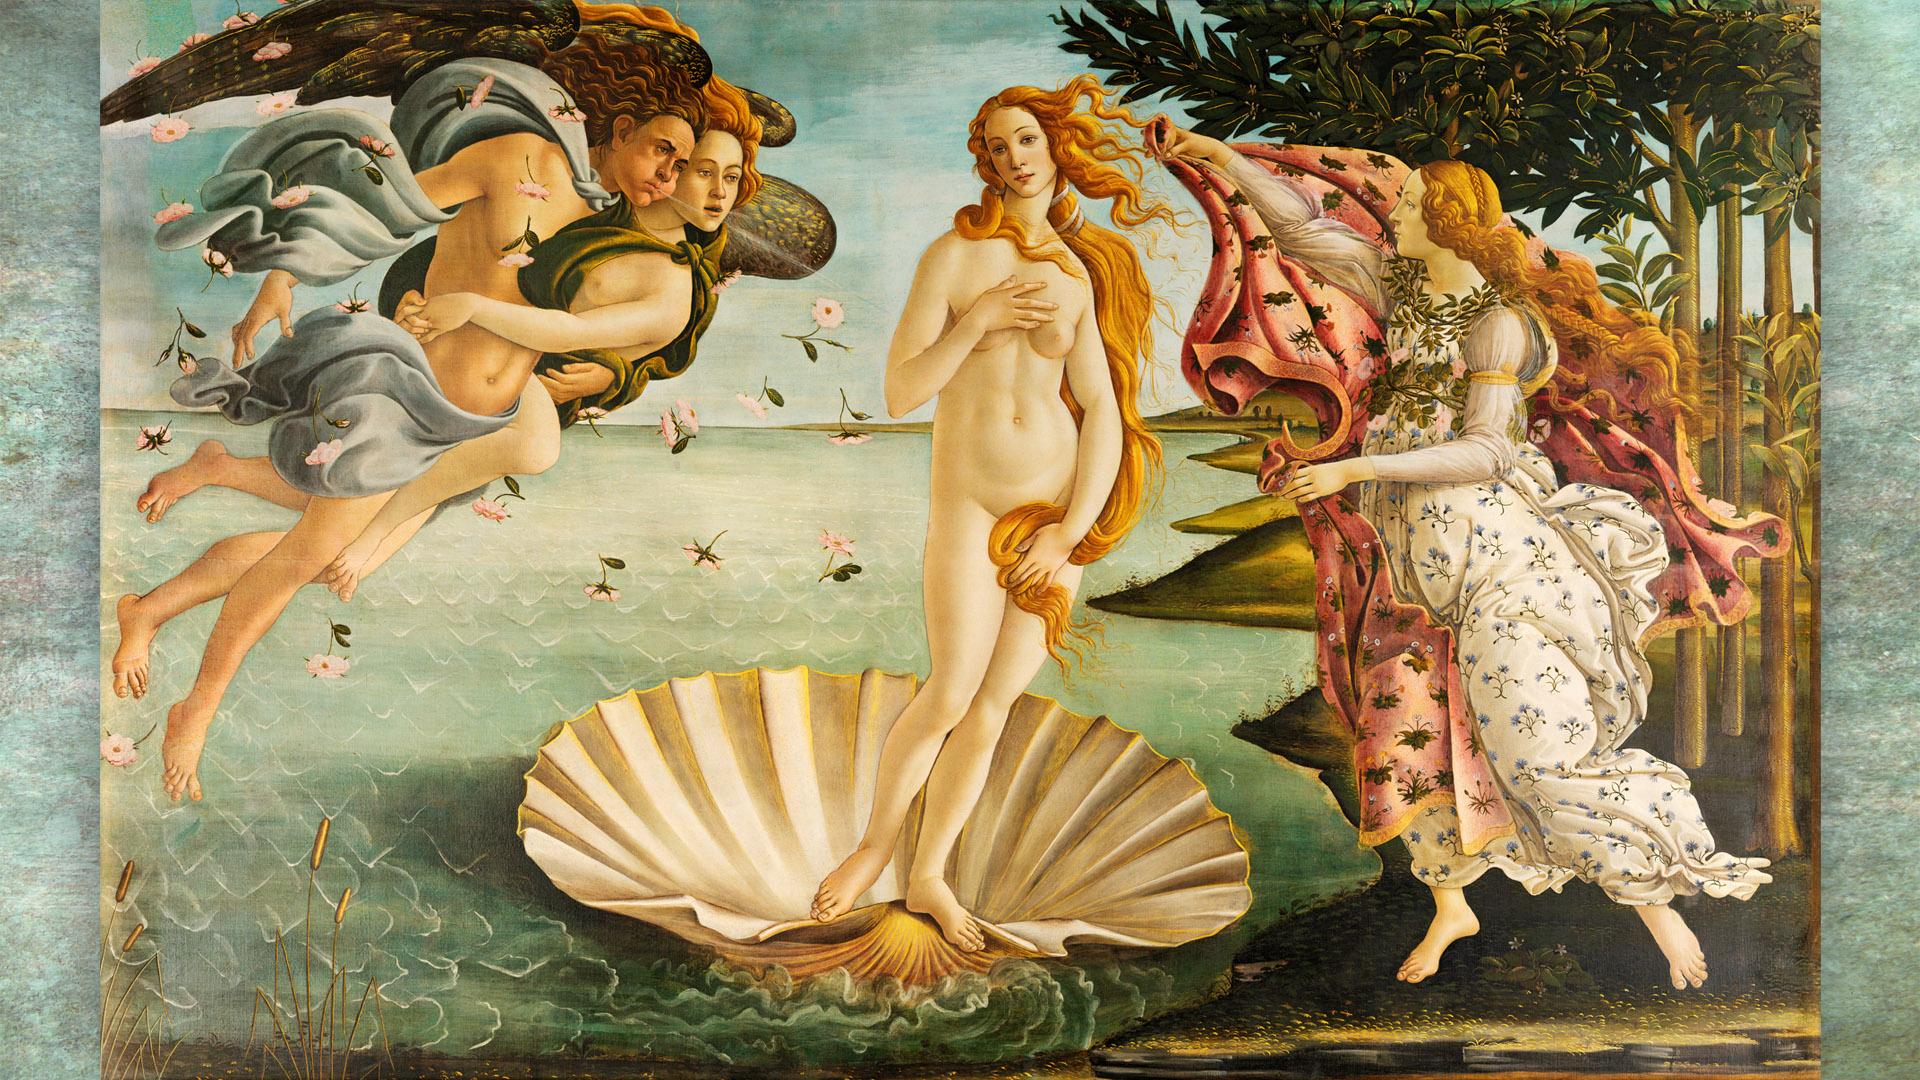 Sandro Botticelli - La nascita di Venere 1920x1080 2